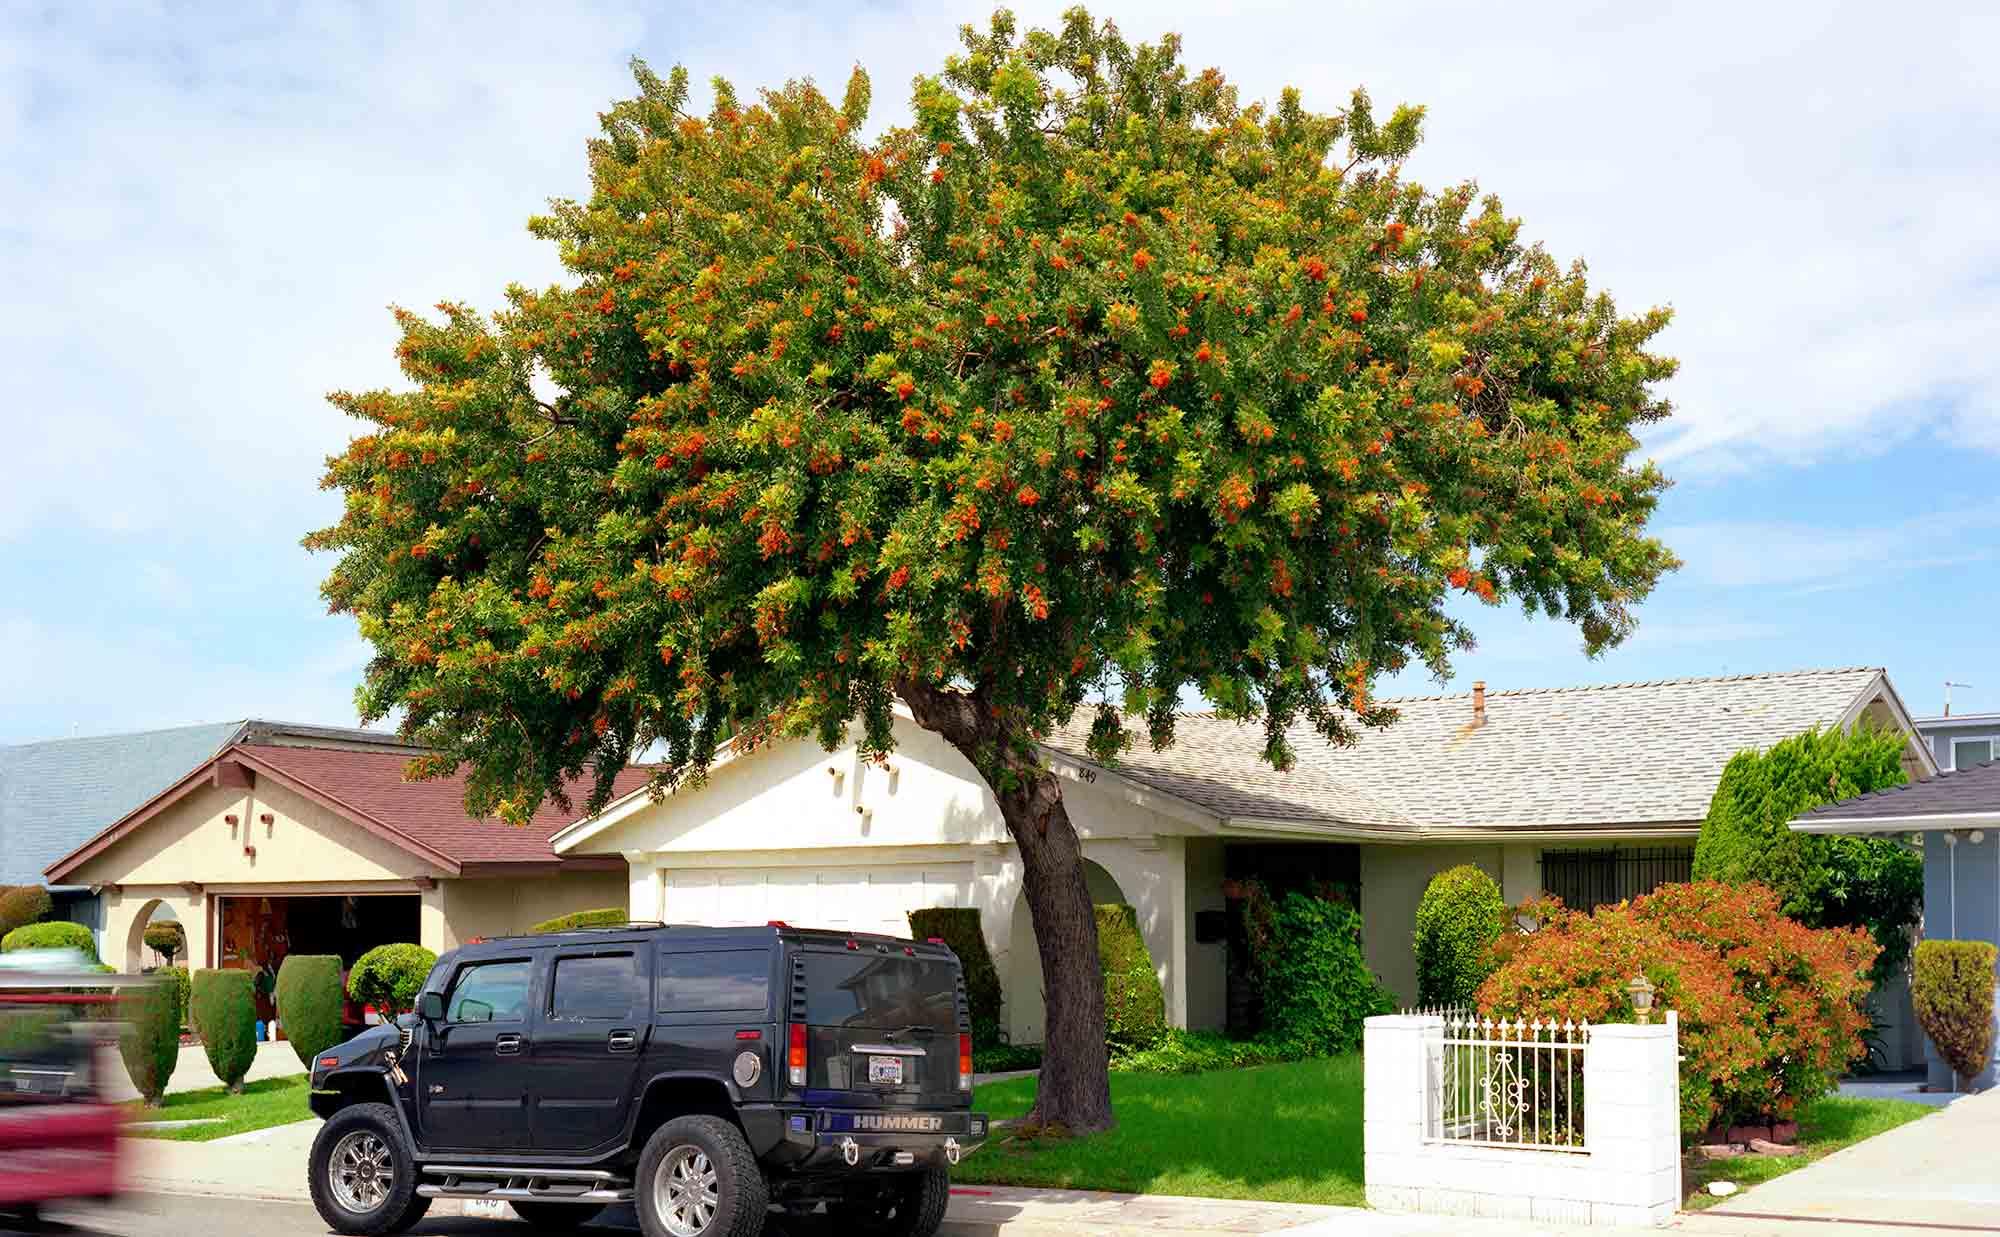 20-Pepper-Tree-#3,-Carson,-2005.jpg